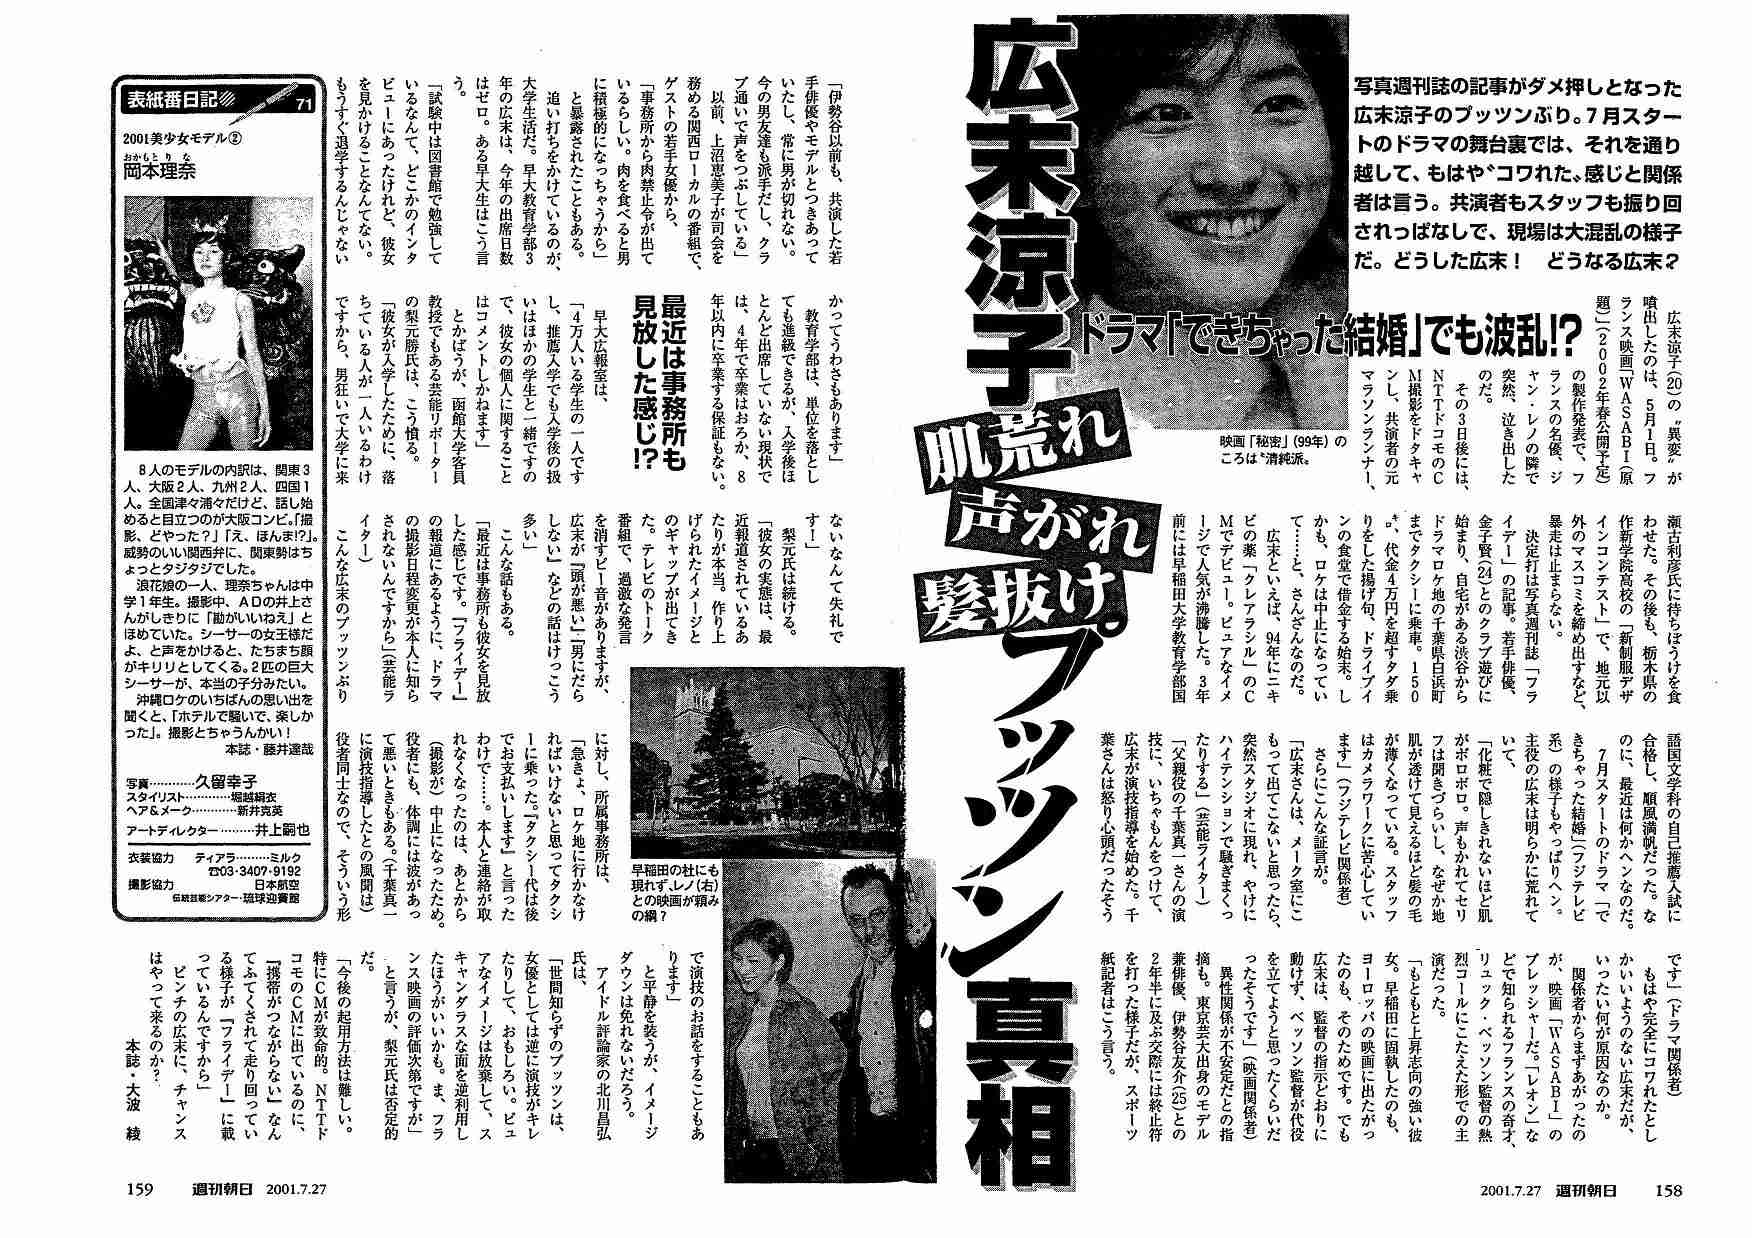 広末涼子 次男お受験合格を支えたキャンドル・ジュンの献身